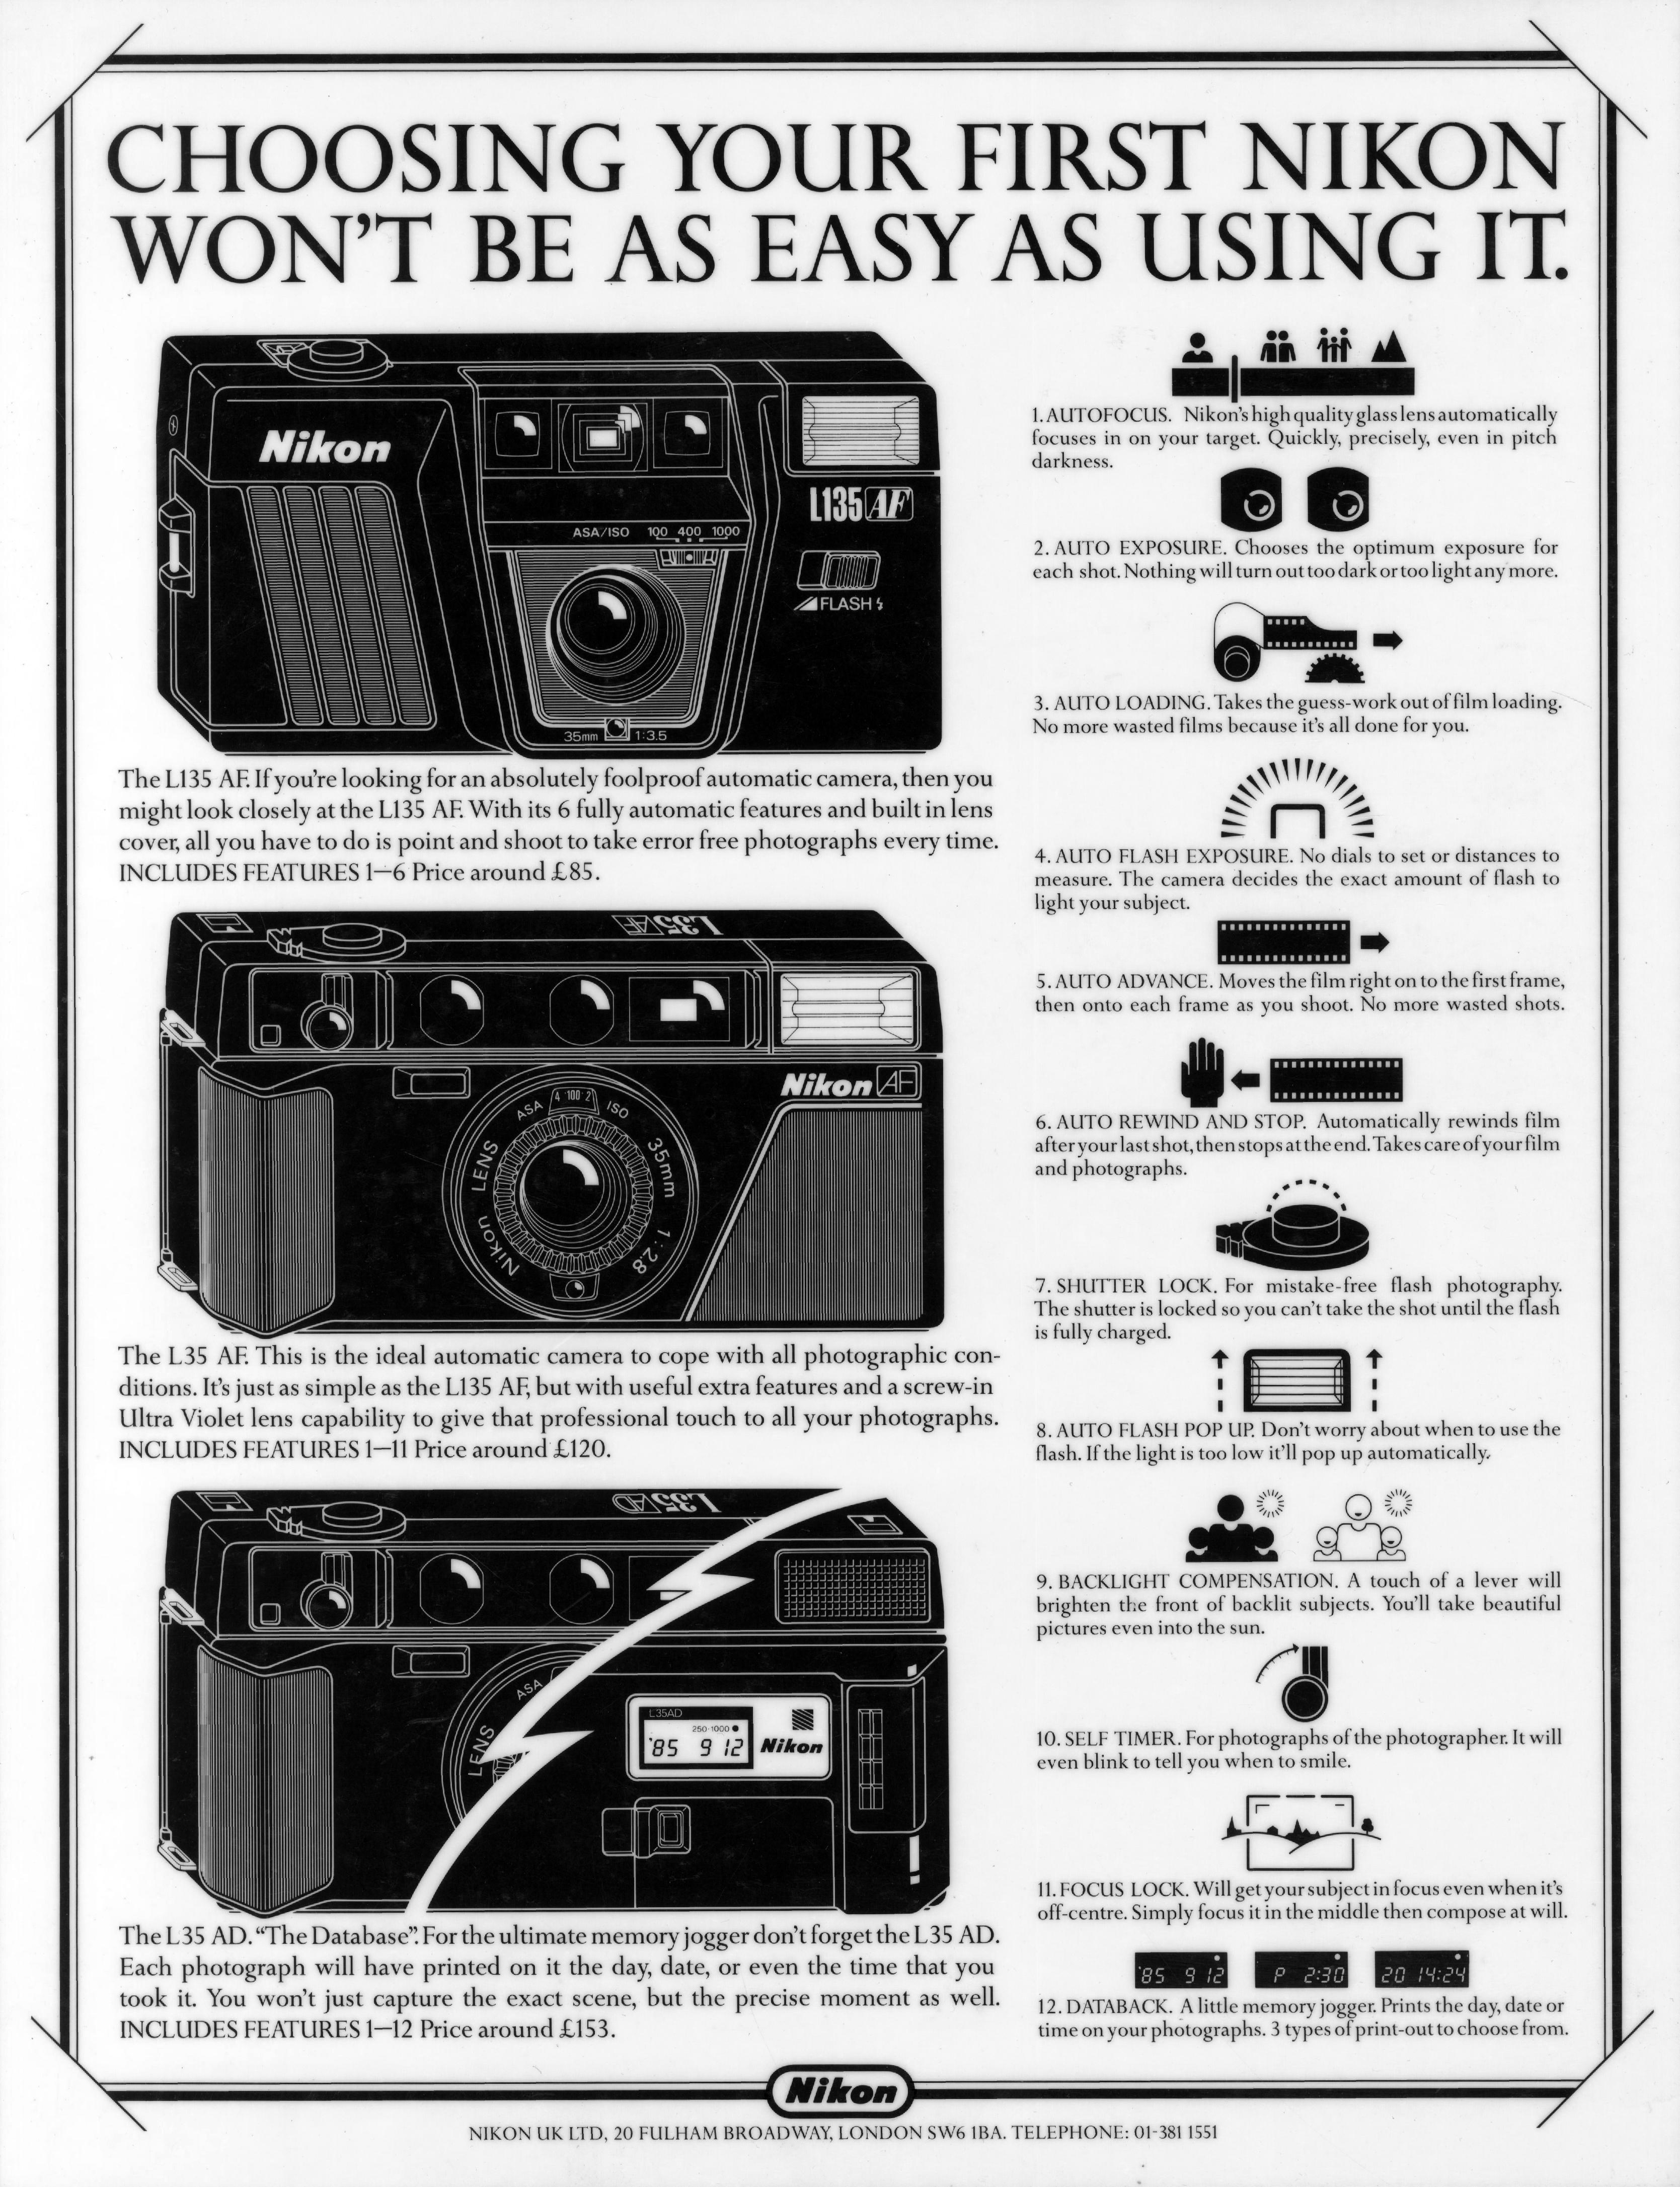 'Choosing' Nikon, Mark Reddy, HKR